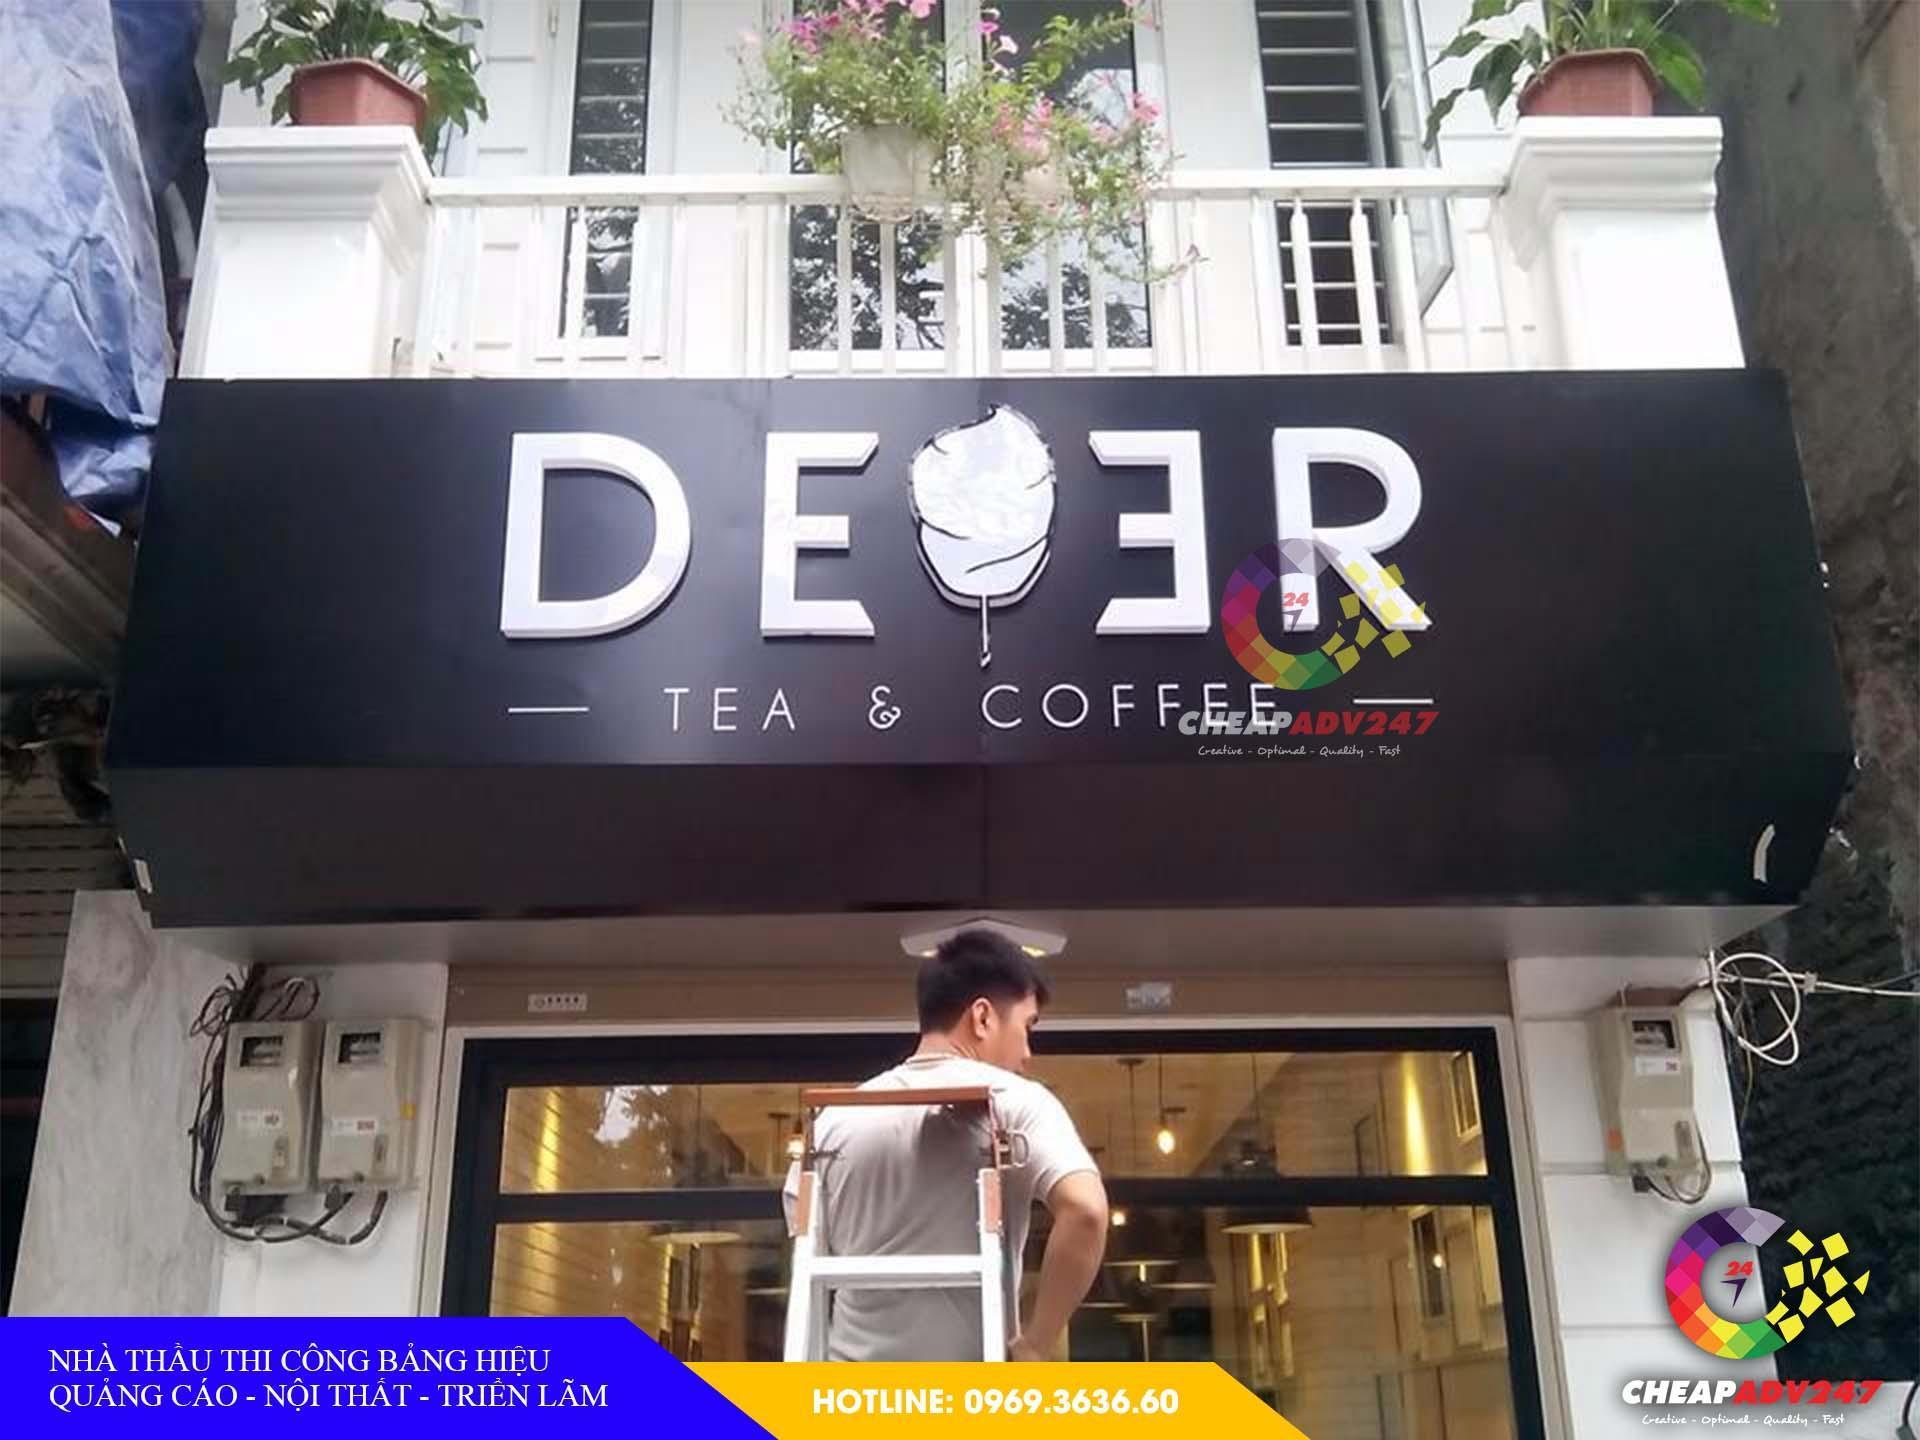 Mẫu biển hiệu quán cà phê tại cheapadv247 - ảnh 1